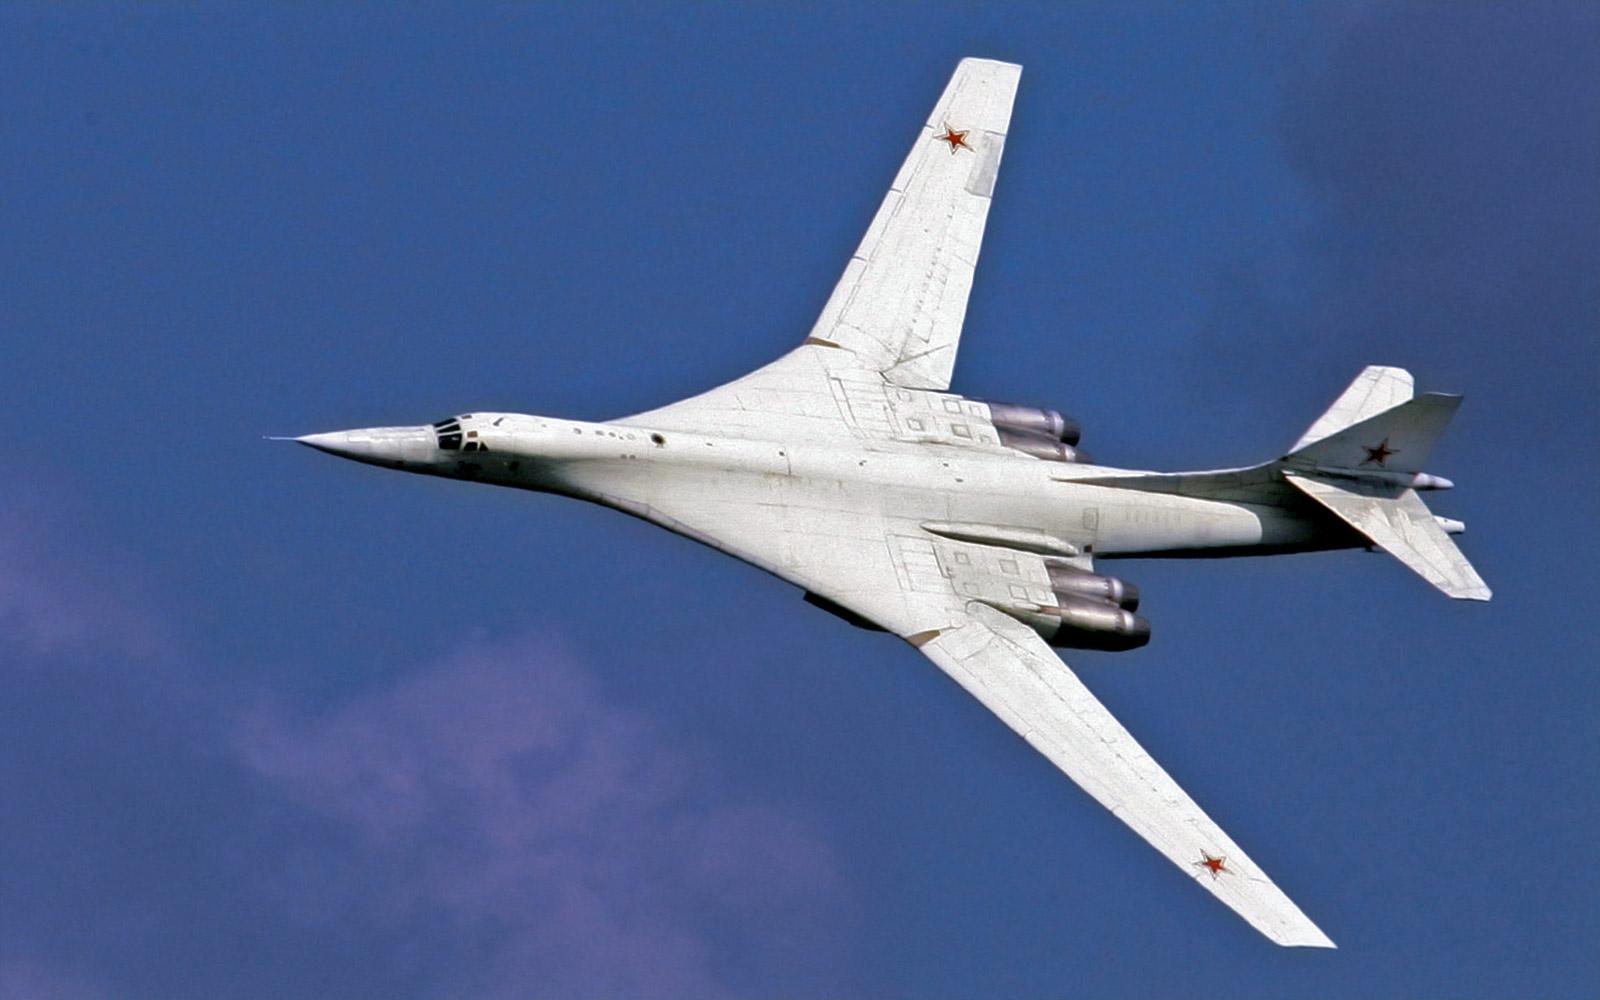 Tupolev Tu 160 Blackjack 3